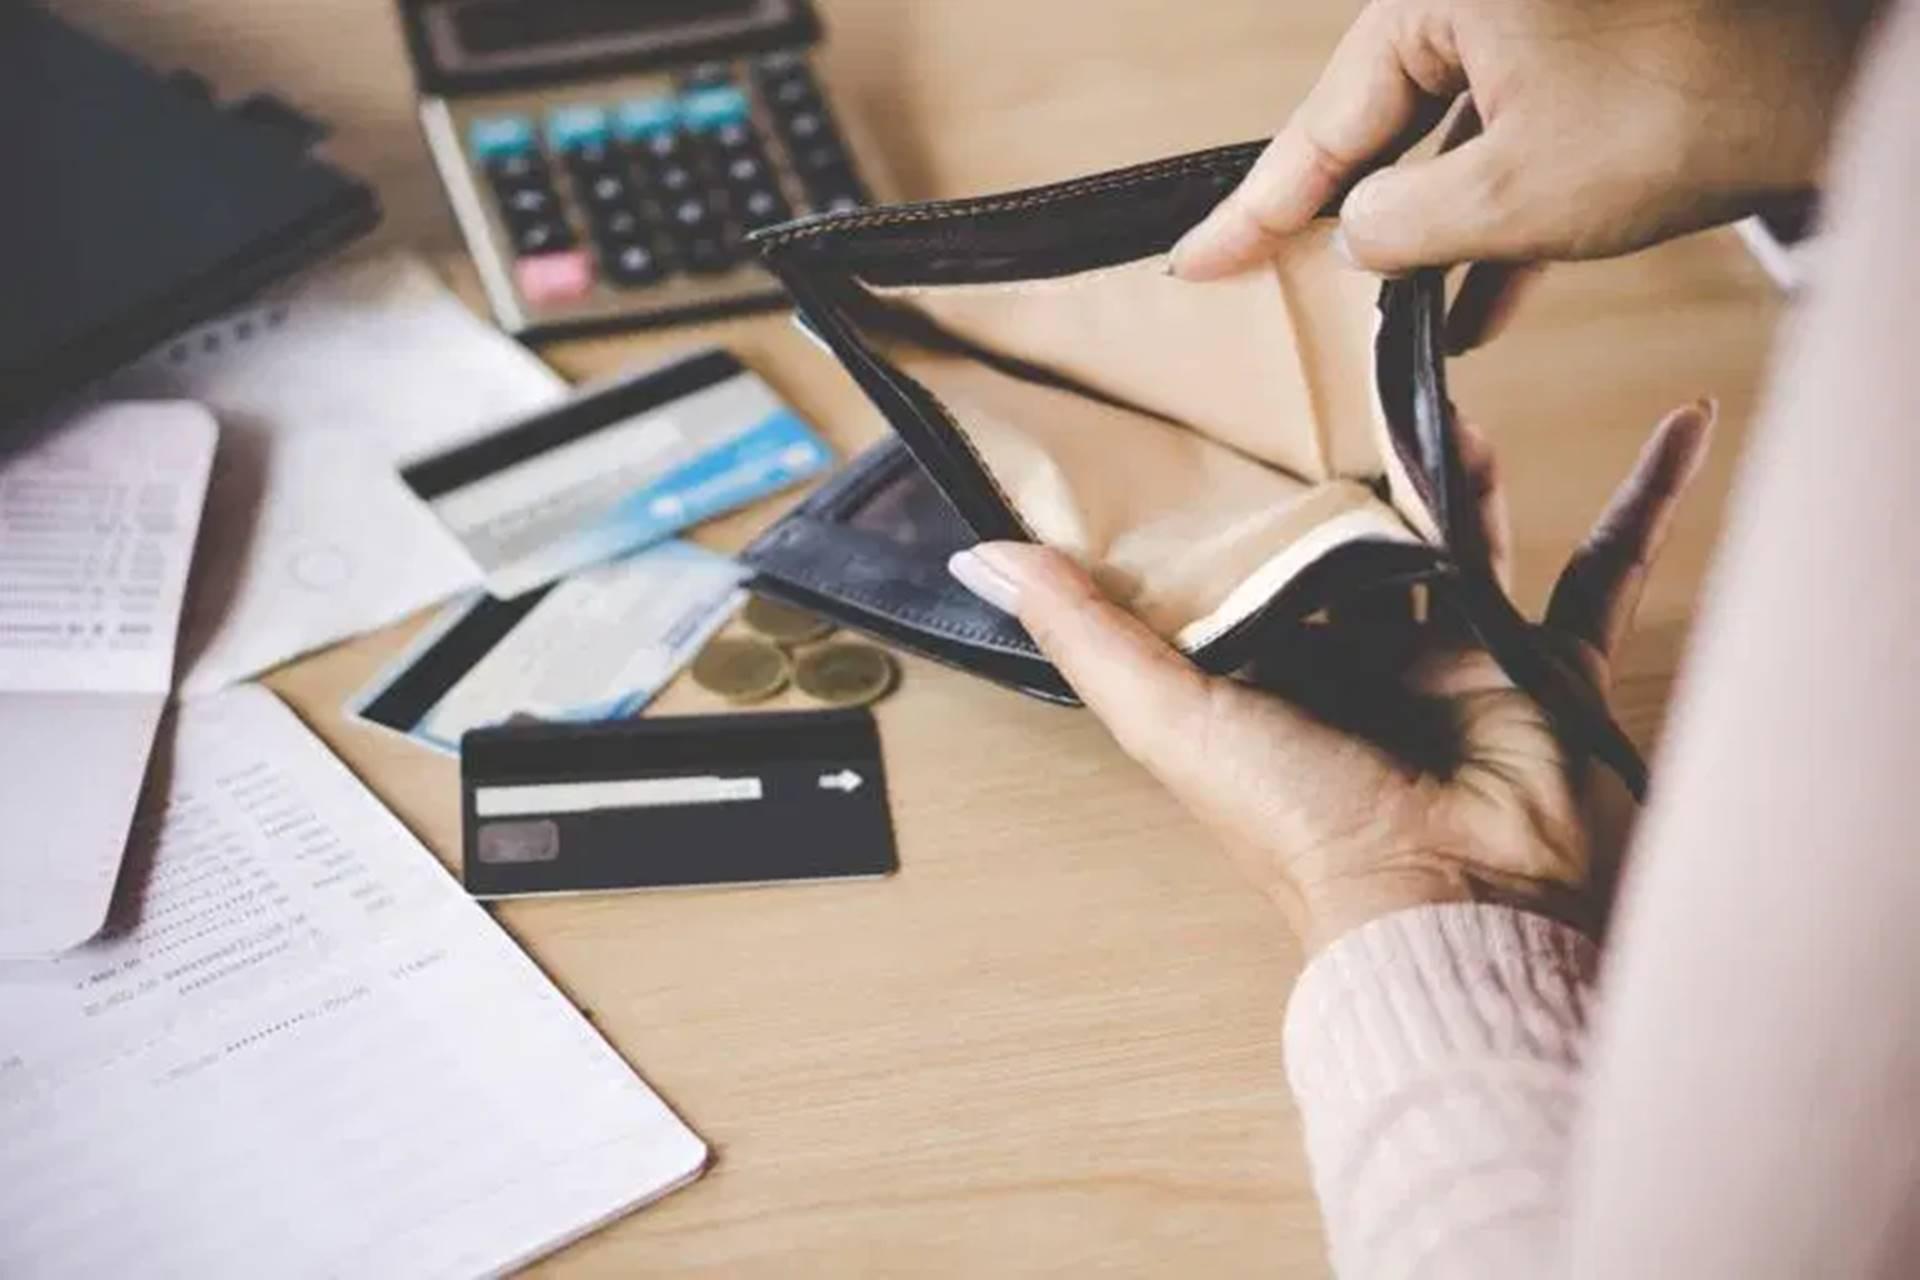 Serasa Limpa Nome: é possível quitar suas dívidas pagando apenas R$ 100 reais